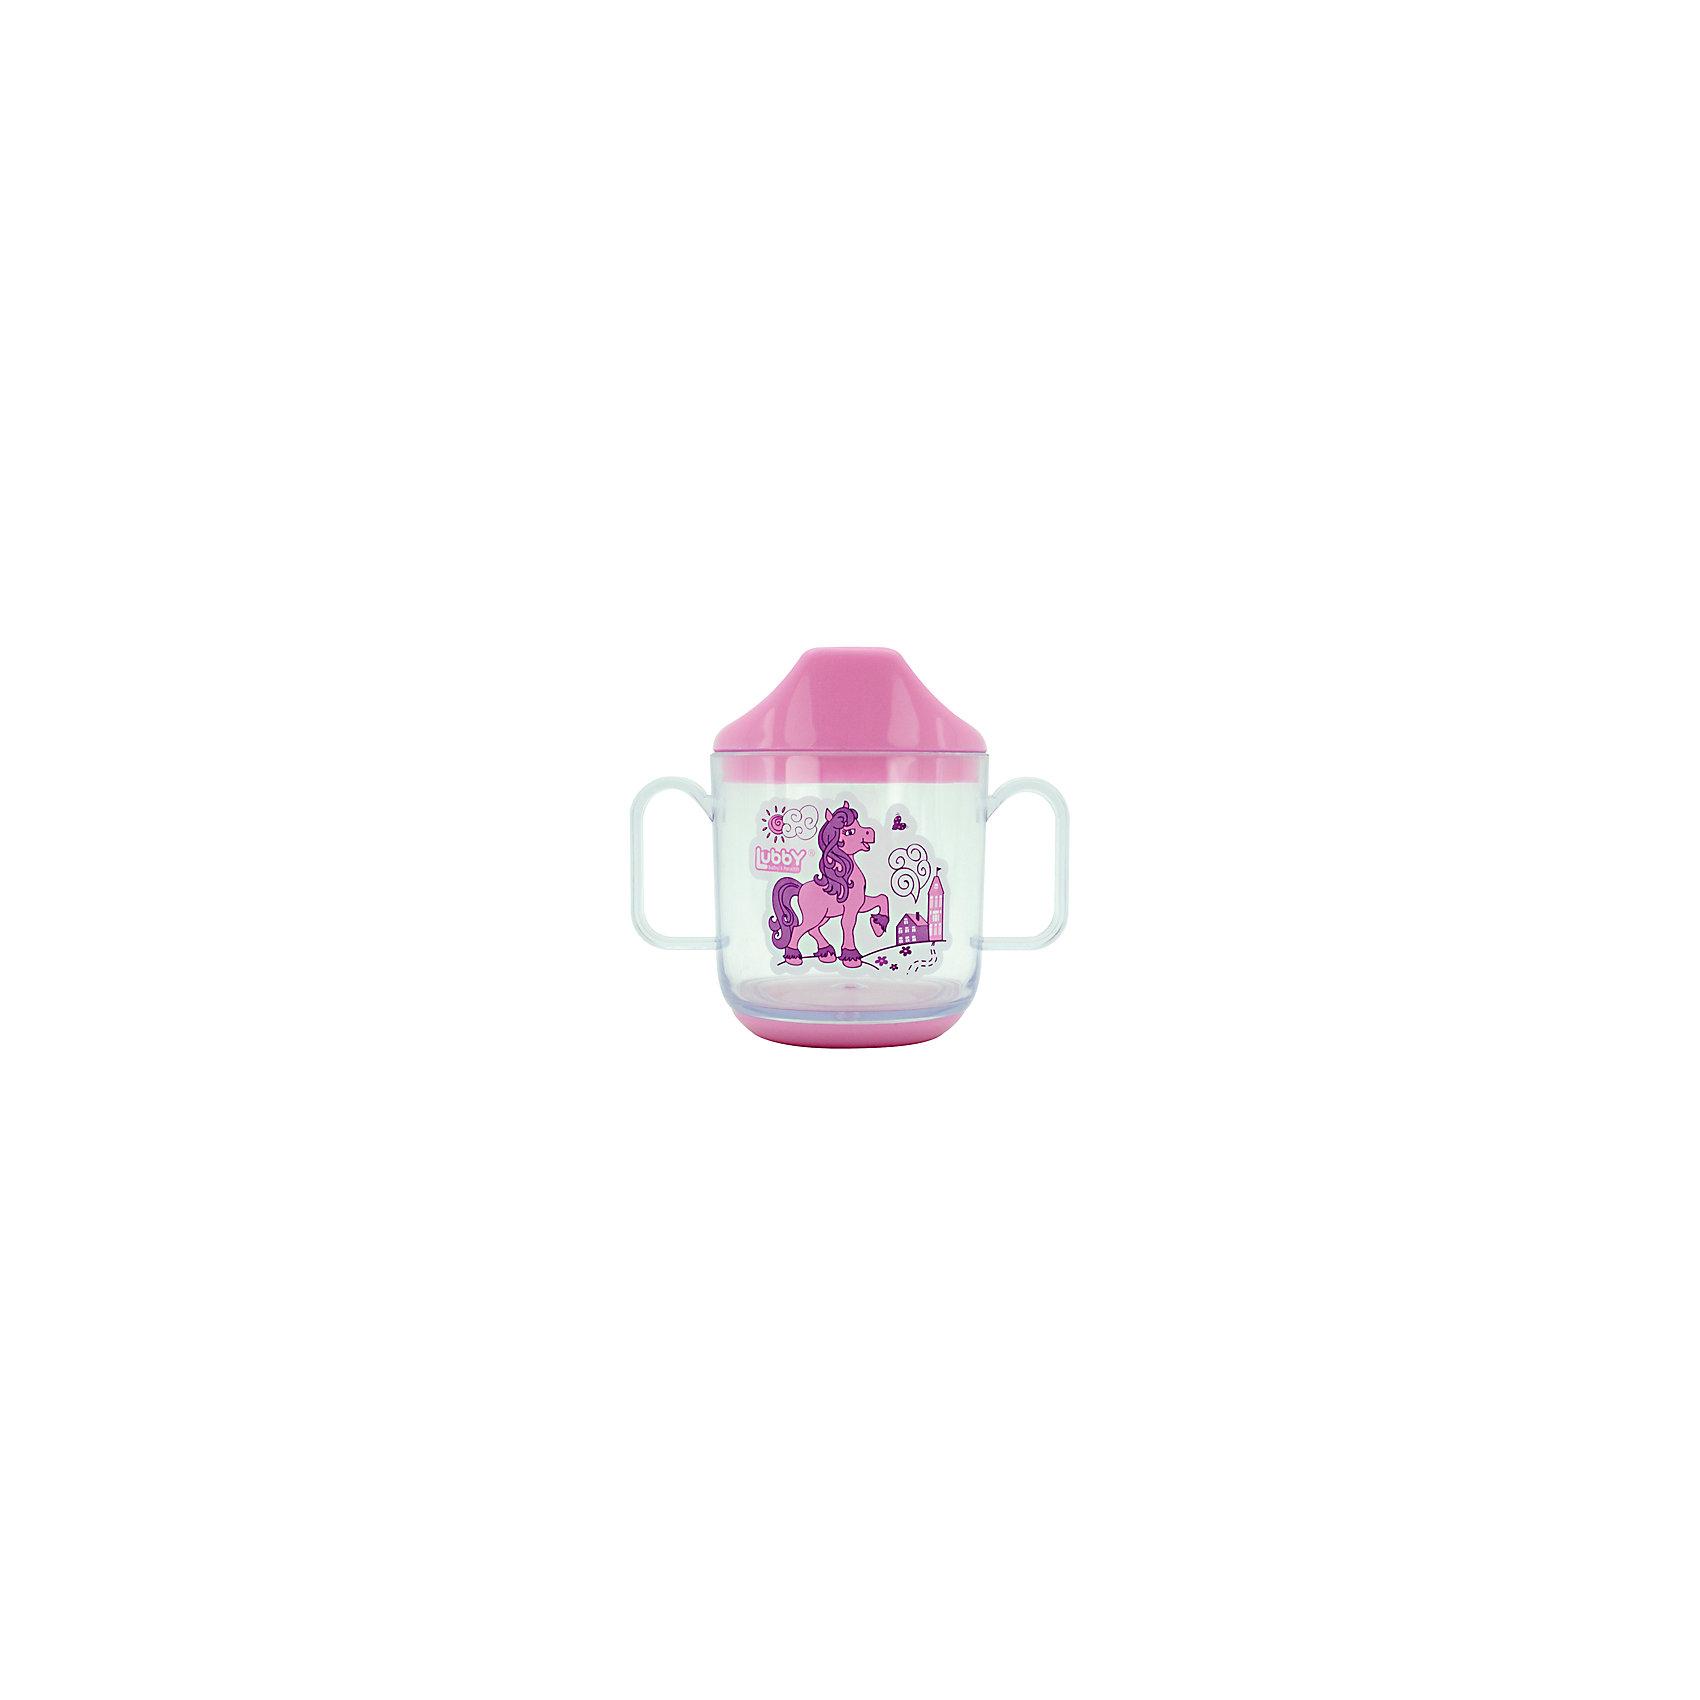 Кружка-поильник Веселые животные от 6 мес. 150 мл., LUBBY, розовыйПоильники<br>Кружка-поильник Веселые животные от 6 мес. 150 мл., LUBBY, розовый.<br><br>Характеристики:<br><br>- Объем: 150 мл.<br>- Цвет: розовый<br>- Высота: 9,5 см.<br>- Диаметр: 7,5 см.<br>- Материал: кружка - стиролакрилонитрил, крышка - полипропилен, дно - безопасный пластик (ABS)<br>- Не содержит бисфенол-А<br>- Размер упаковки: 14x7x19 см.<br>- Срок службы: 1 год<br>- Уход: Перед каждым использованием кружку-поильник необходимо мыть теплой водой с мылом, тщательно ополаскивать<br><br>Эргономичная тренировочная кружка «Веселые животные» поможет вашему малышу легко обучиться навыкам питья из чашки. Специальная крышечка имеет носик, который превращает кружку в поильник. Шкала на кружке позволит точно отмерить необходимое количество жидкости. Кружка дополнена удобными ручками, благодаря которым малыш может удерживать ее самостоятельно. Кружка-поильник имеет широкое устойчивое основание, защищающее ее от опрокидывания. Изделие выполнено из высококачественных и абсолютно безопасных для здоровья материалов. Забавный рисунок выполнен из красителей, не содержащих опасных веществ.<br><br>Кружку-поильник Веселые животные от 6 мес. 150 мл., LUBBY, розовую можно купить в нашем интернет-магазине.<br><br>Ширина мм: 140<br>Глубина мм: 70<br>Высота мм: 190<br>Вес г: 350<br>Возраст от месяцев: 6<br>Возраст до месяцев: 36<br>Пол: Женский<br>Возраст: Детский<br>SKU: 5039286